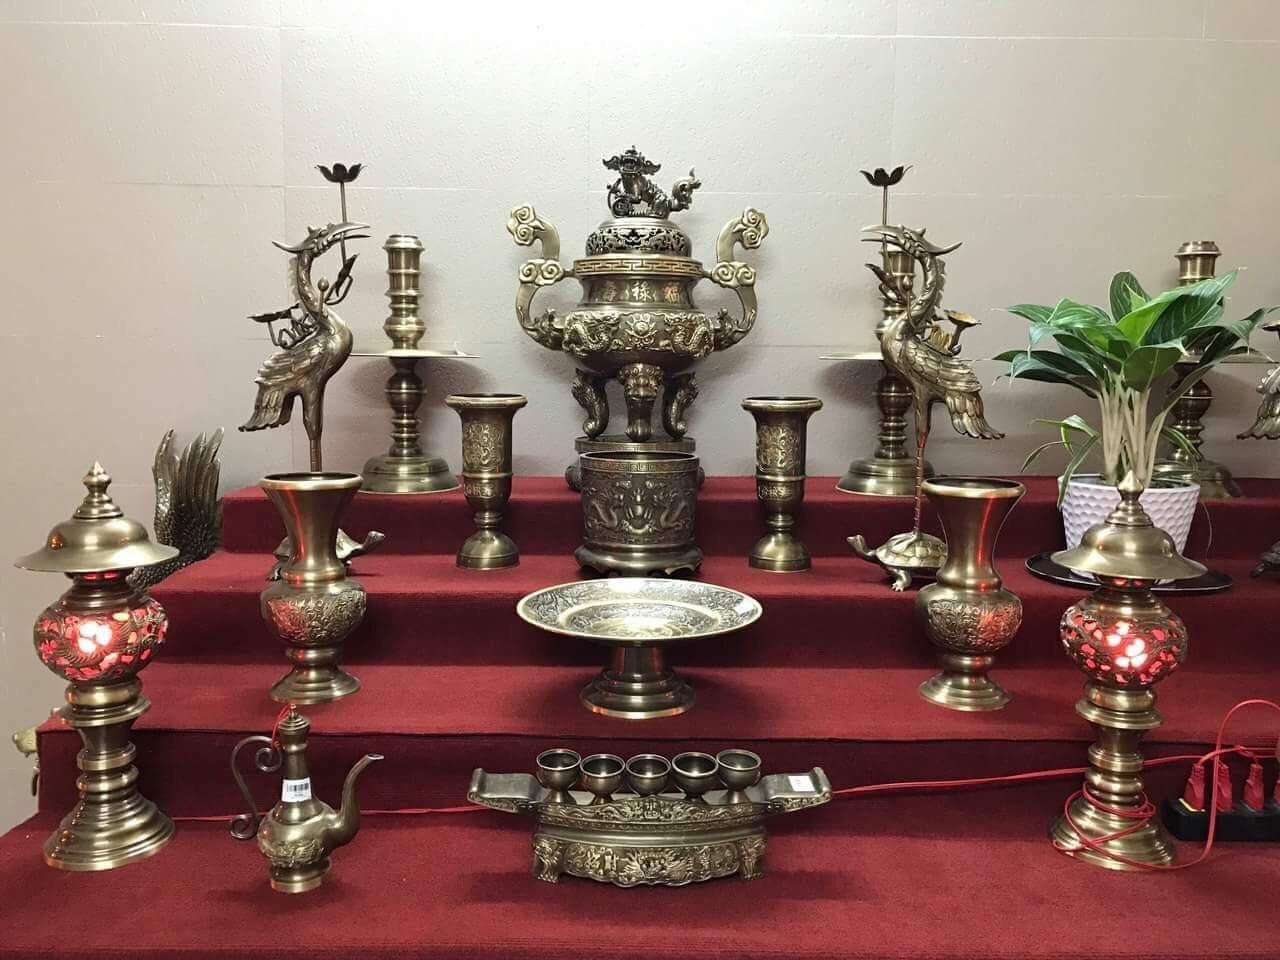 Bộ Đồ Thờ Song Long Chầu Nguyệt Hun Giả Cổ cao 60 cm